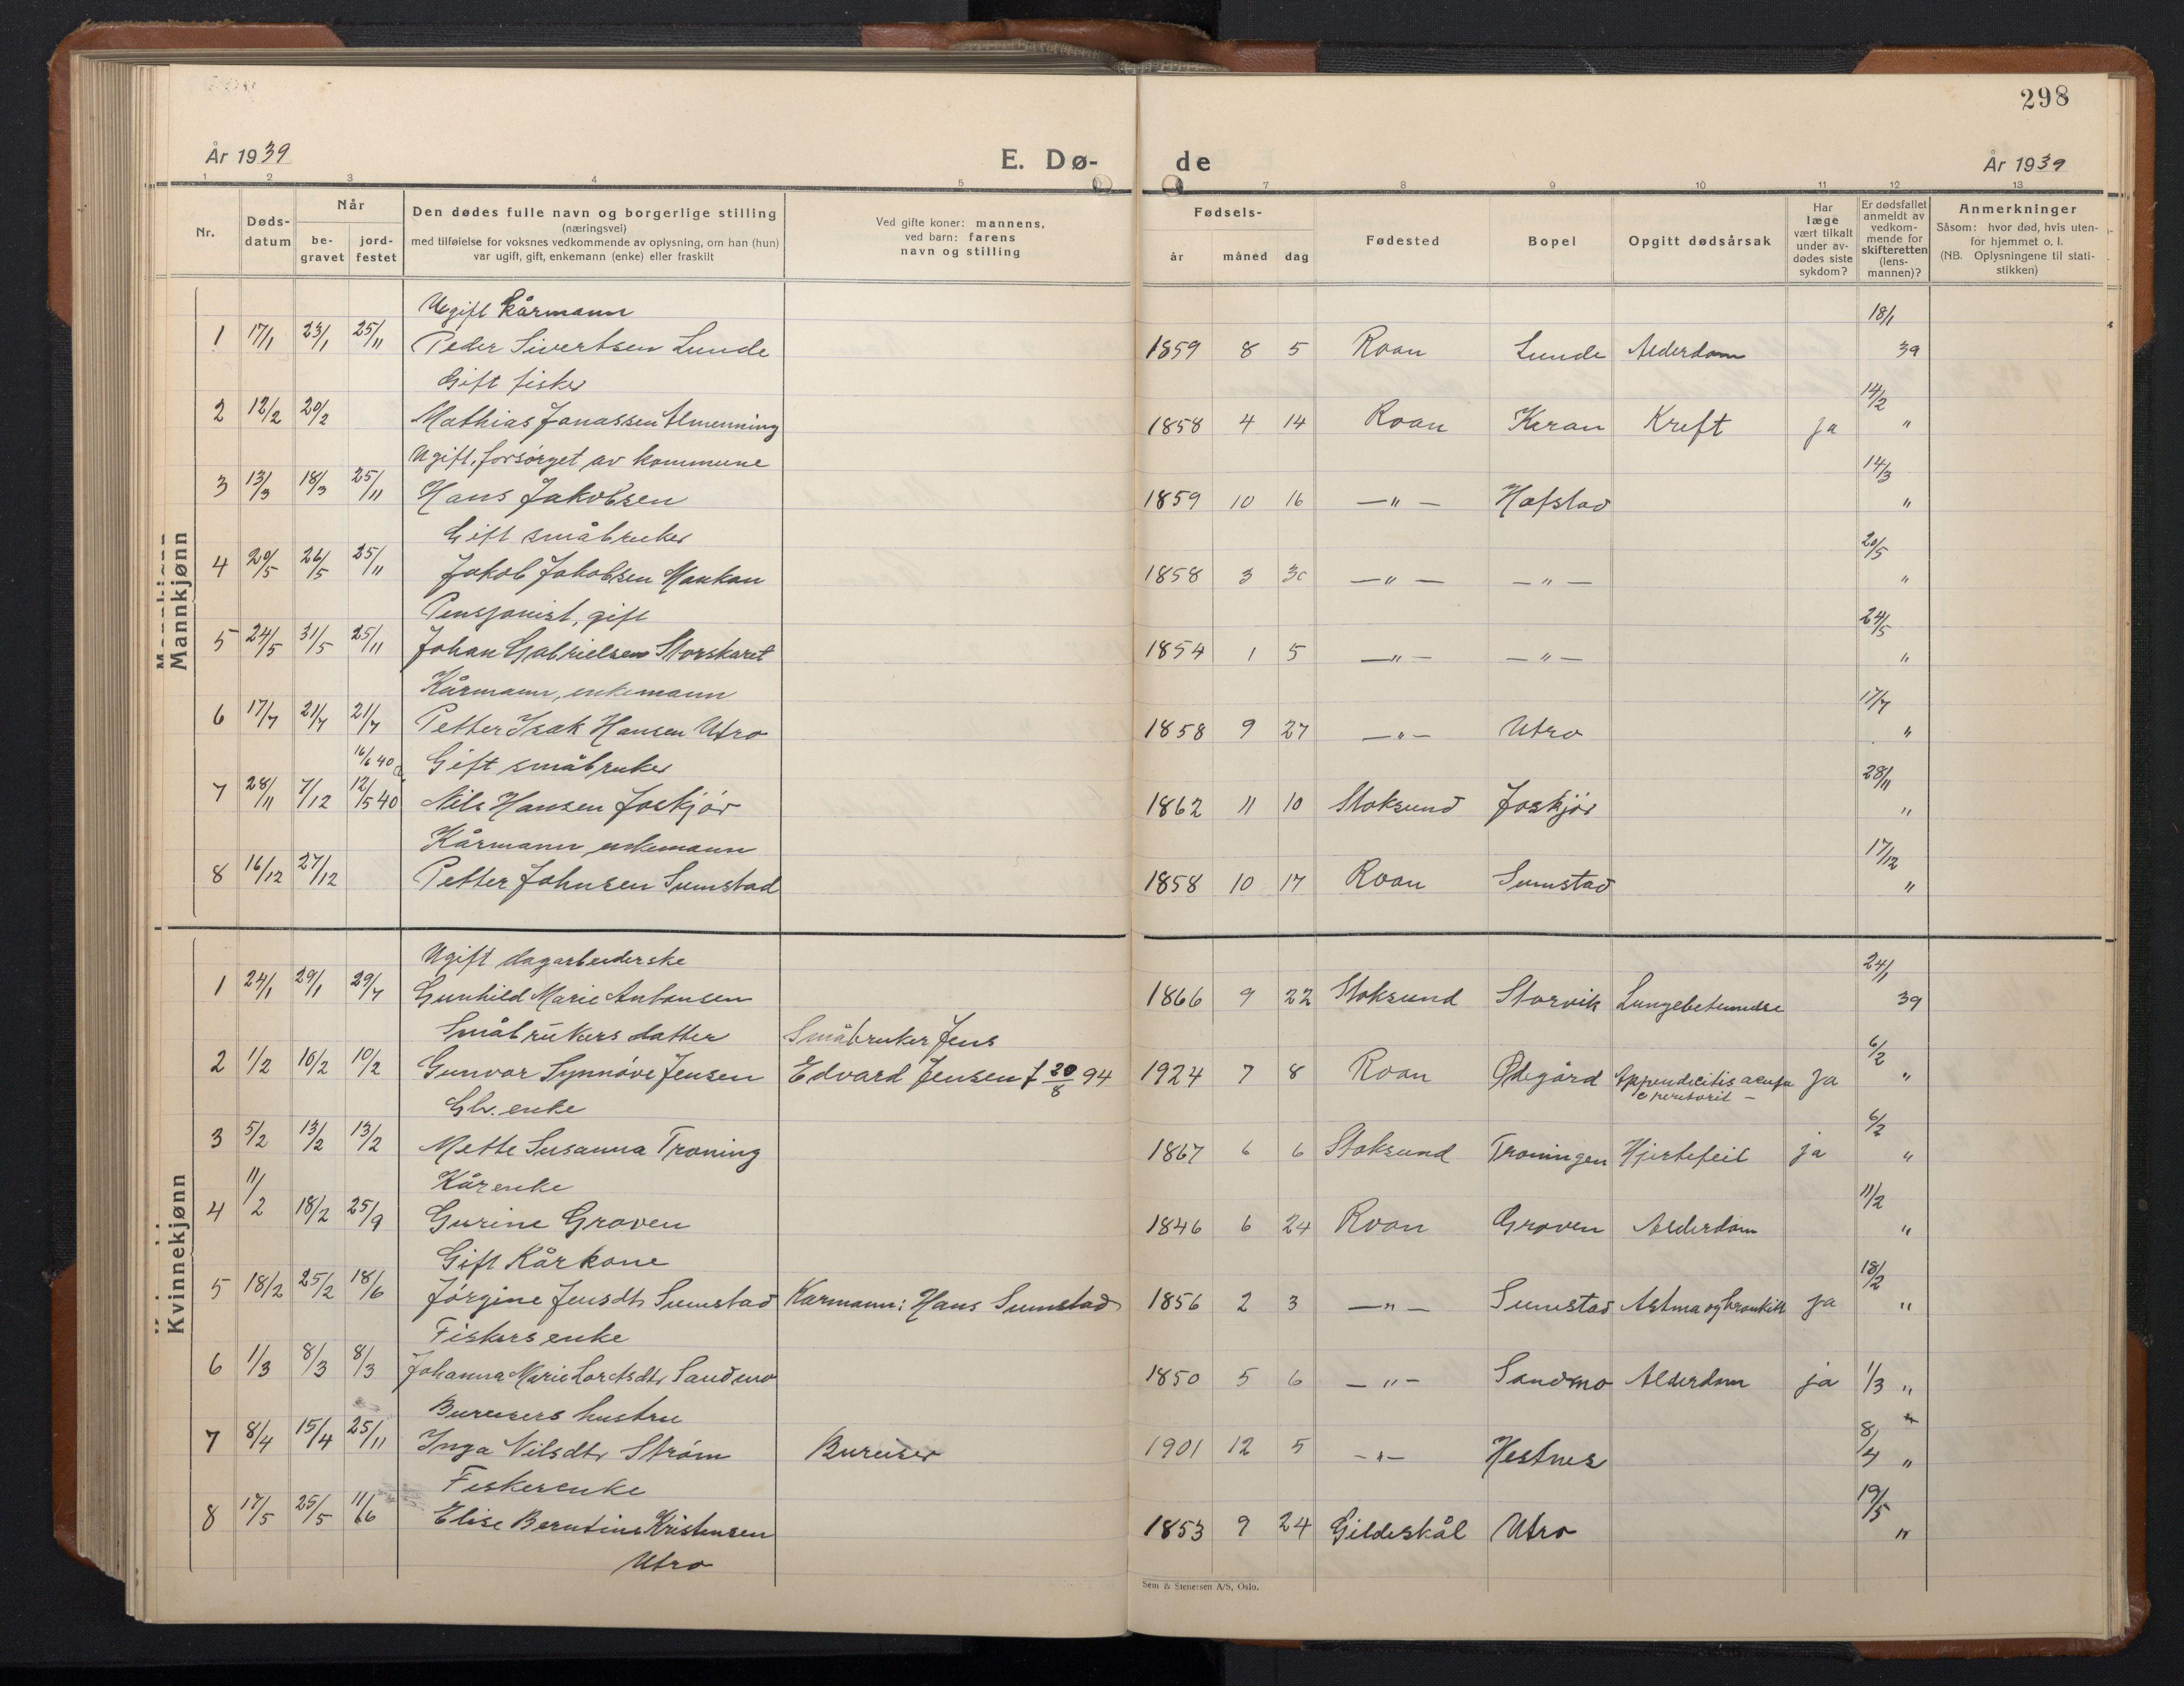 SAT, Ministerialprotokoller, klokkerbøker og fødselsregistre - Sør-Trøndelag, 657/L0718: Klokkerbok nr. 657C05, 1923-1948, s. 298